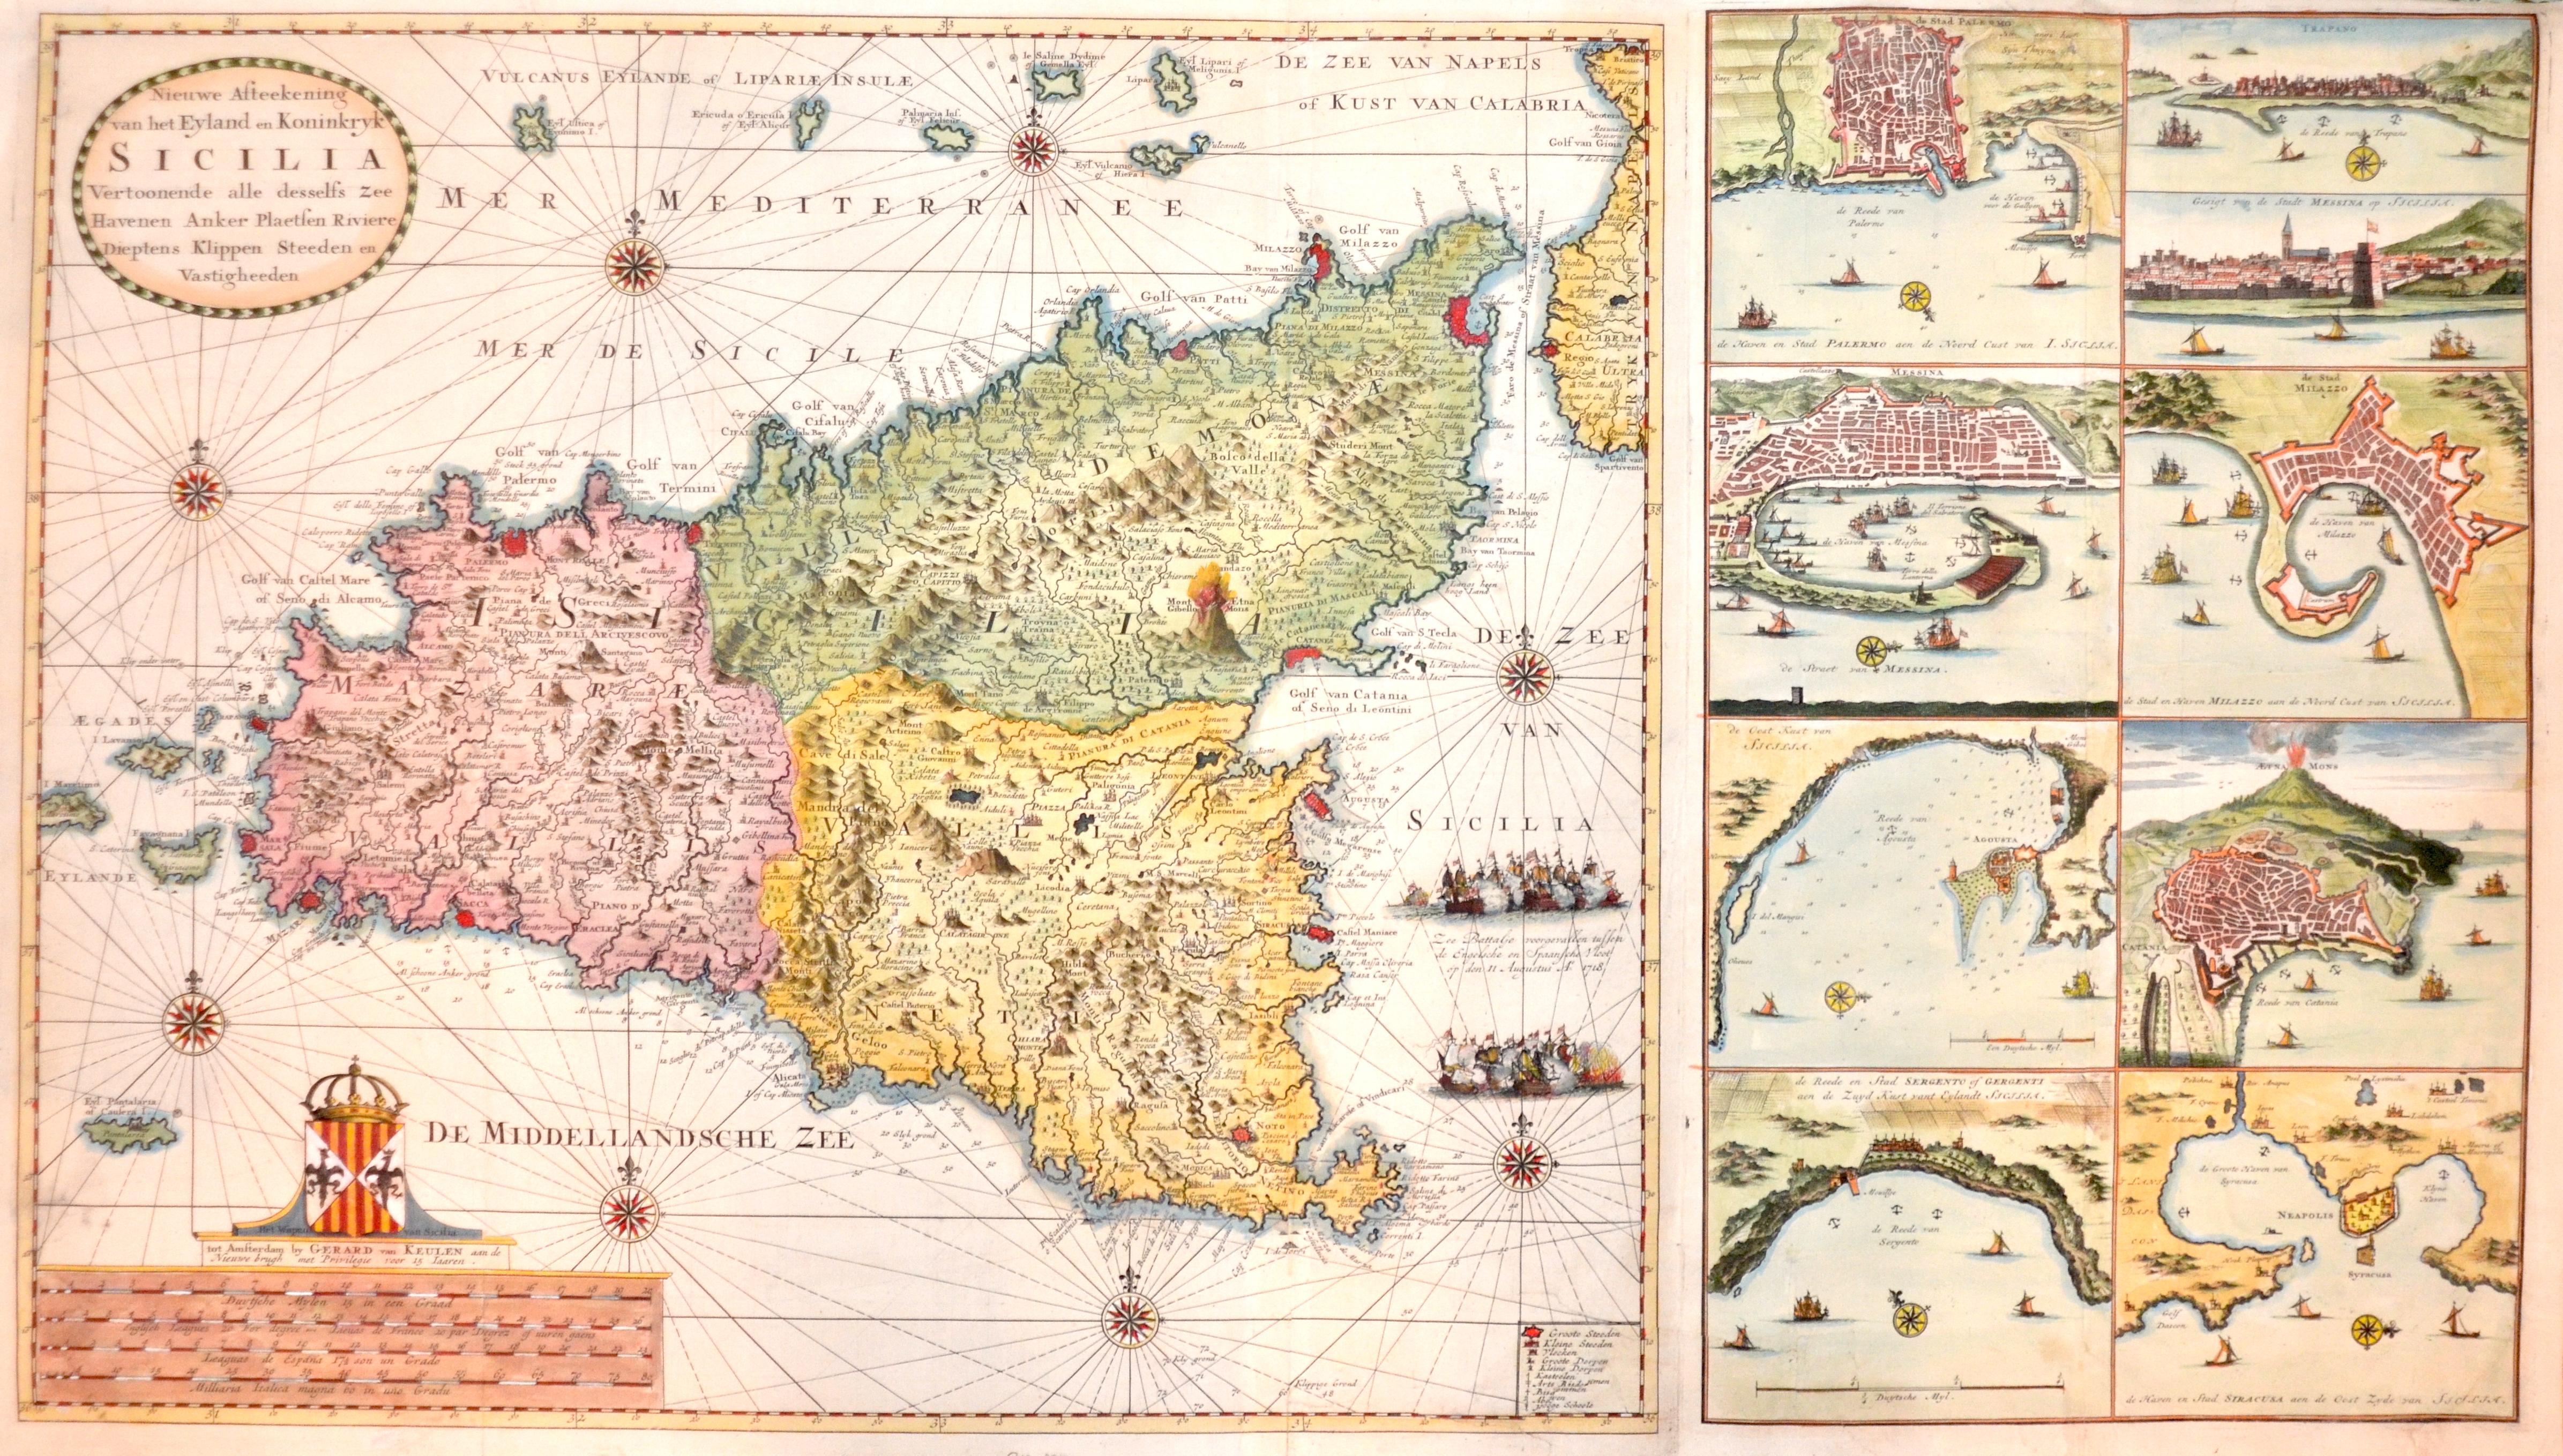 Keulen Gerard van Nieuwe Afteekening van het Eyland en Koninkryk Sicilia